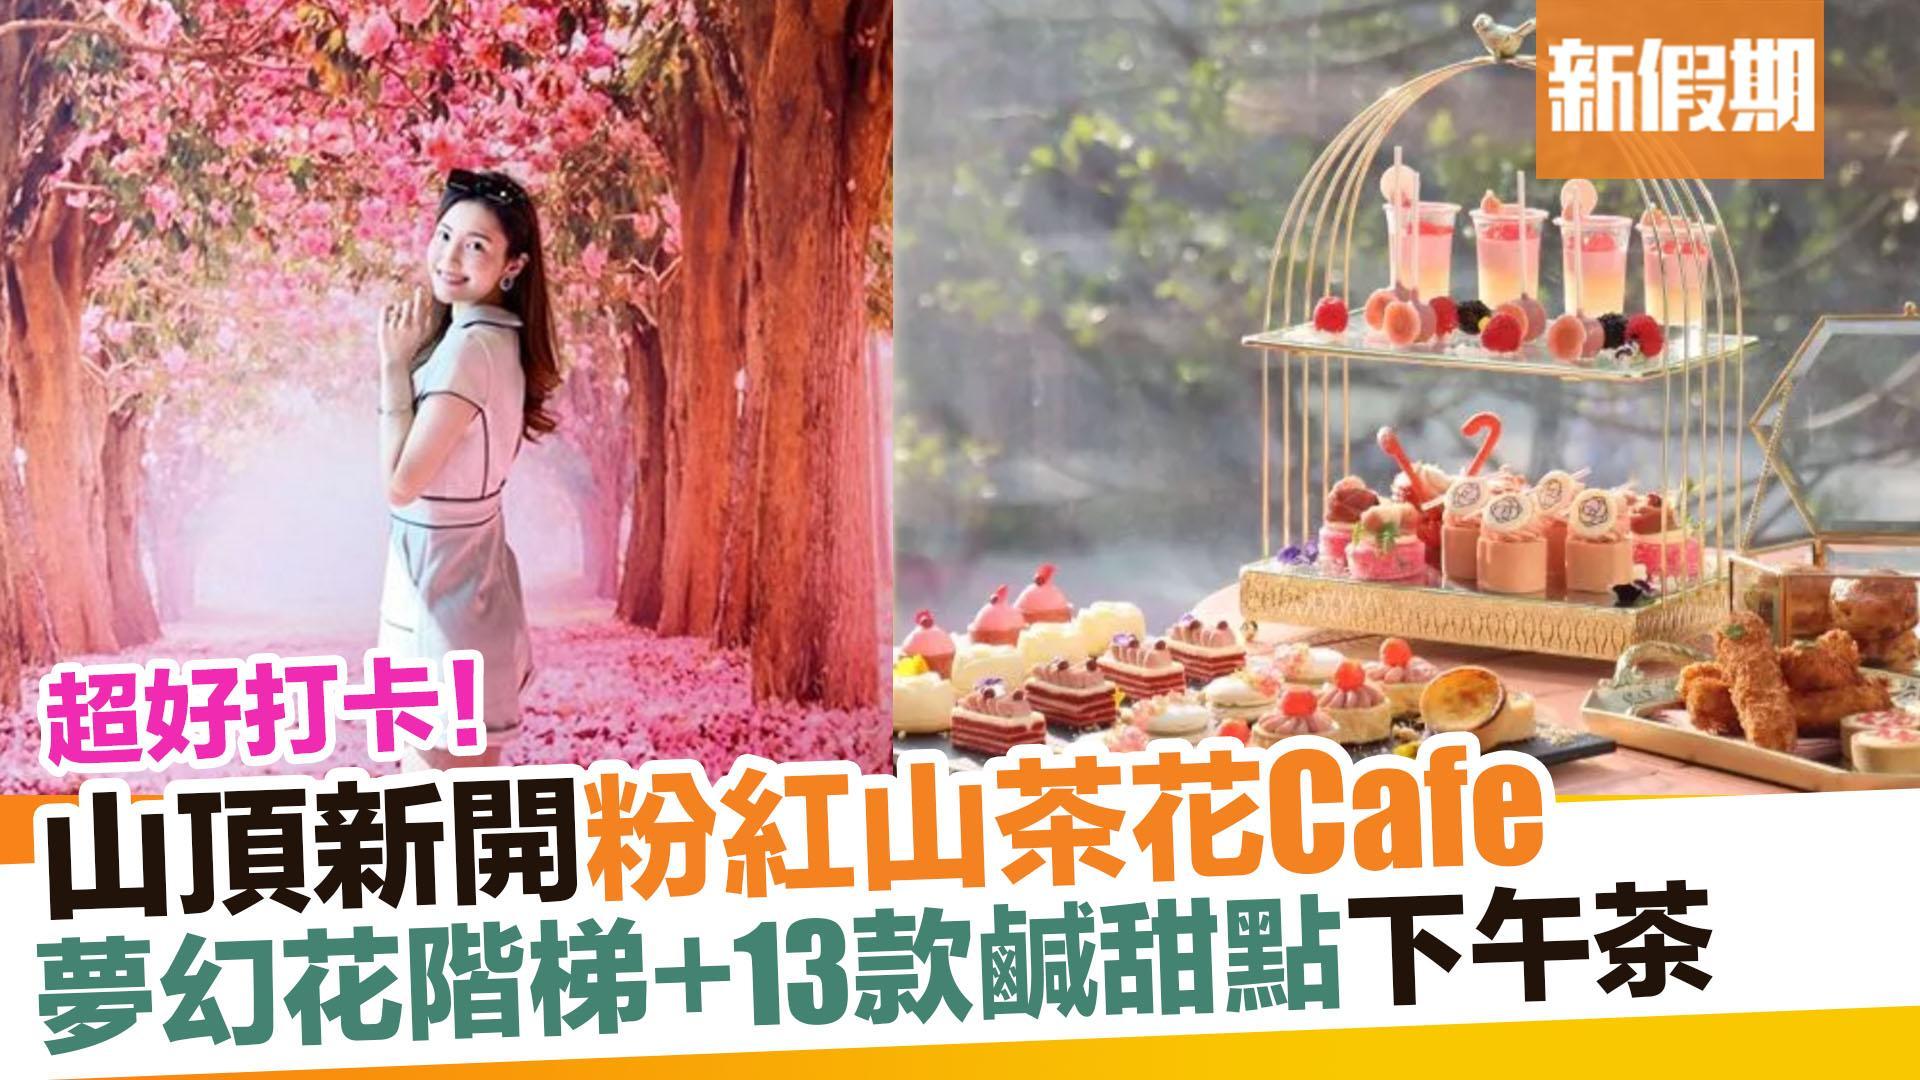 【區區搵食】山頂Camellia Garden粉紅Tea Set 少女心爆發|新假期